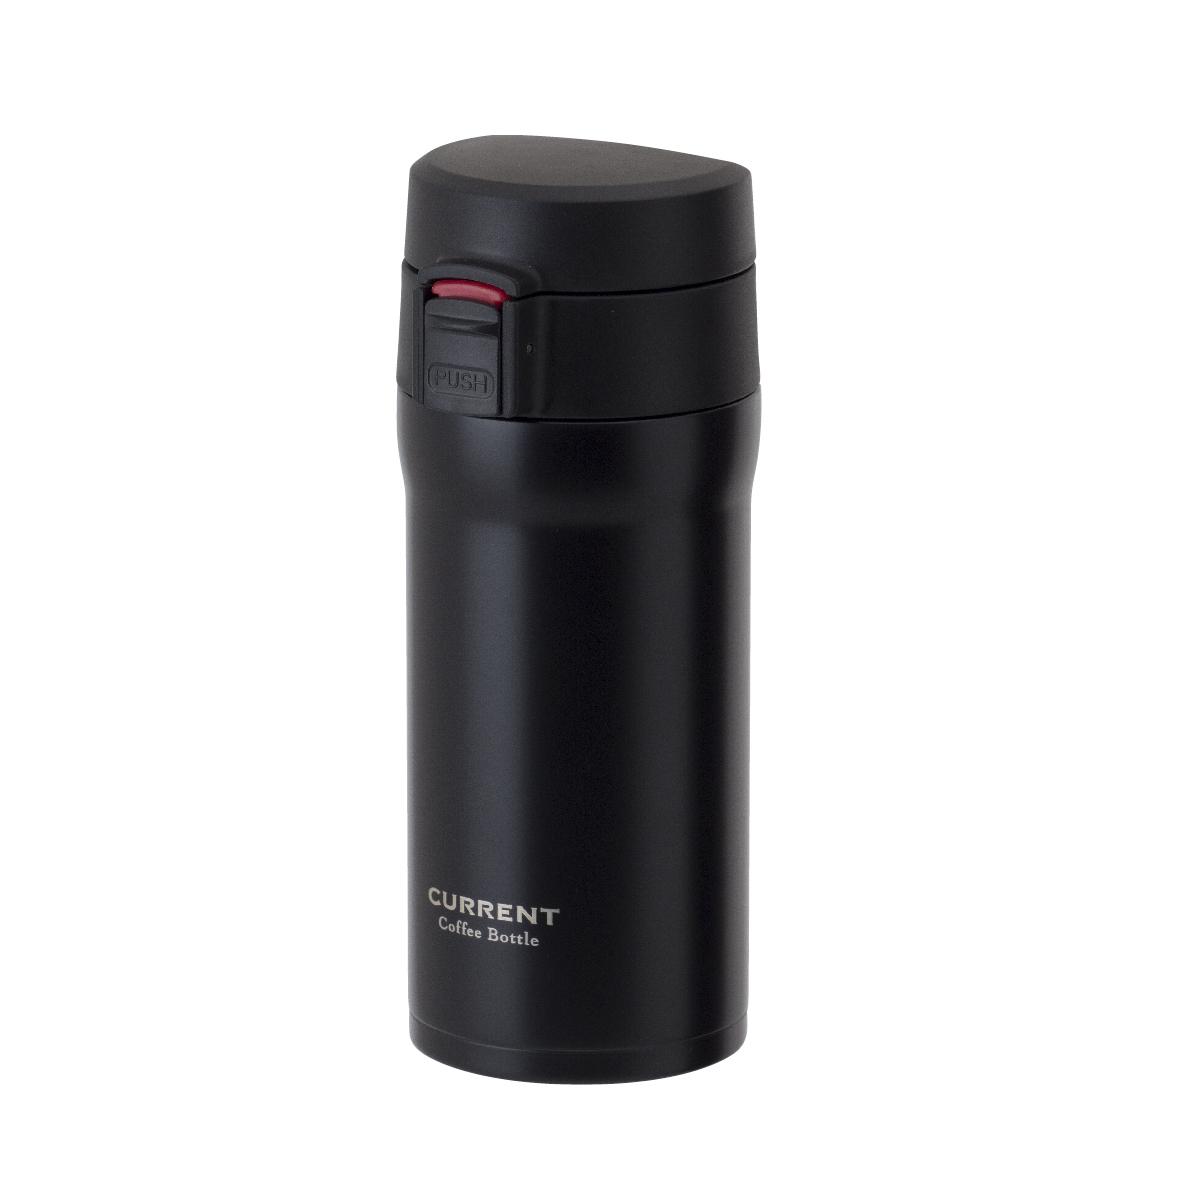 CURRENT コーヒーワンタッチボトル 350ml ブラック